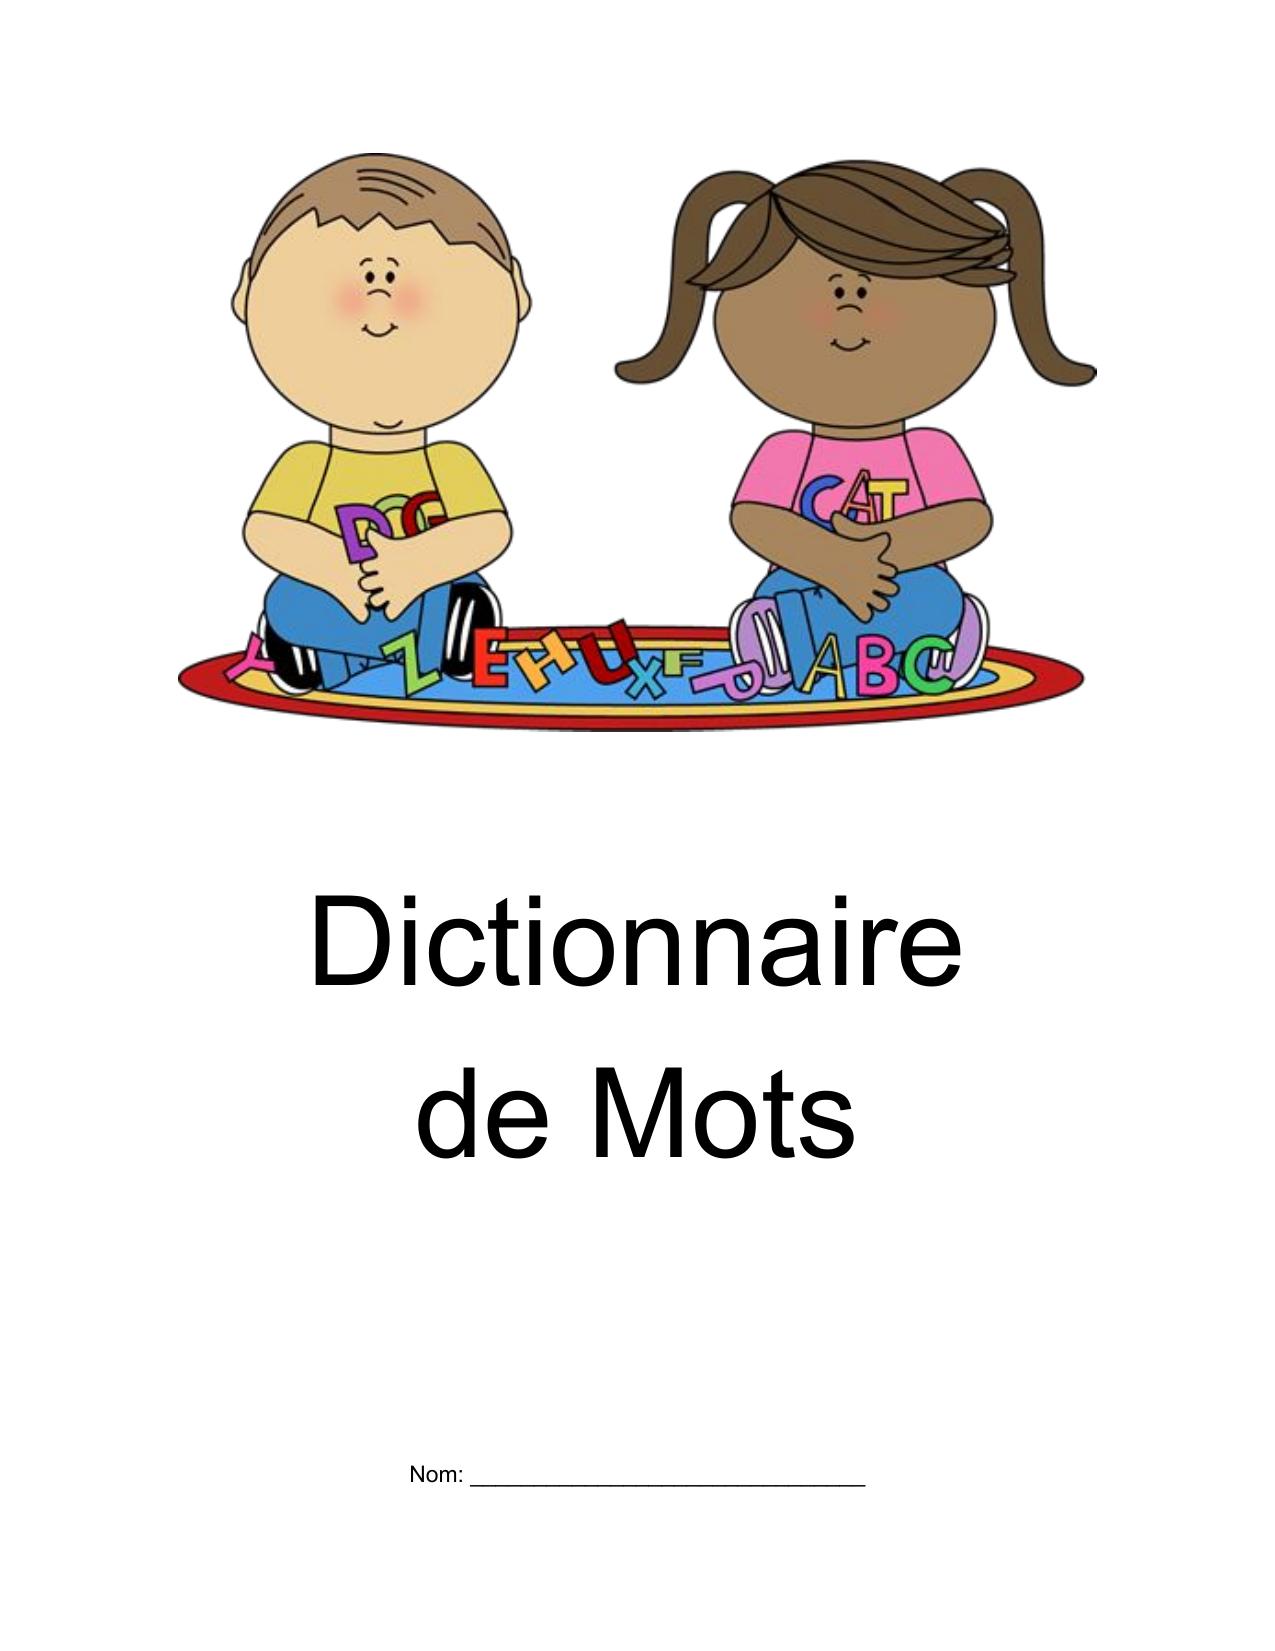 Dictionnaire de Mots Resource Preview